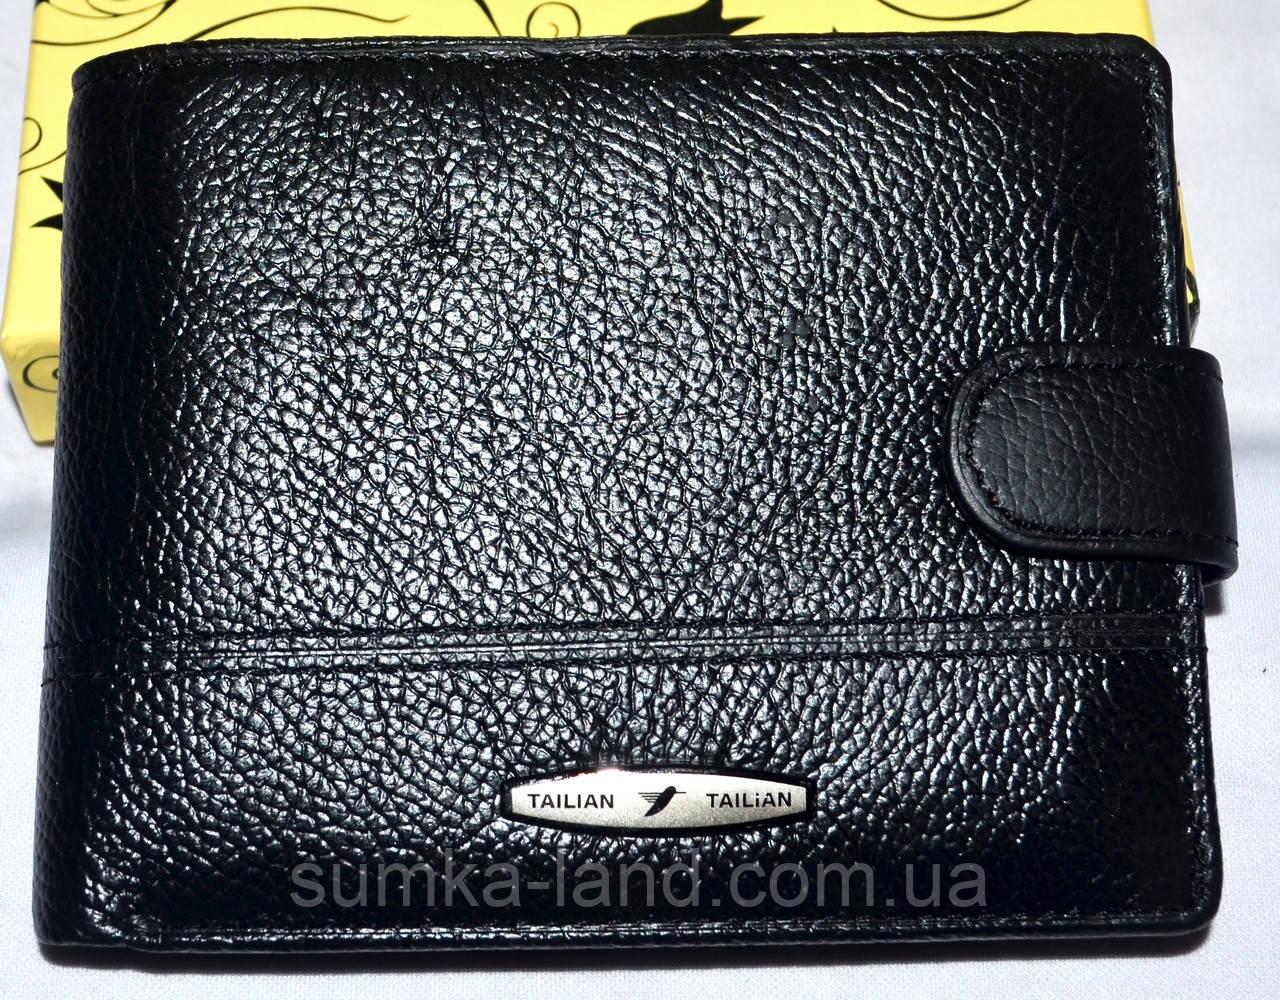 Мужской черный кошелек из натуральной кожи Tailian